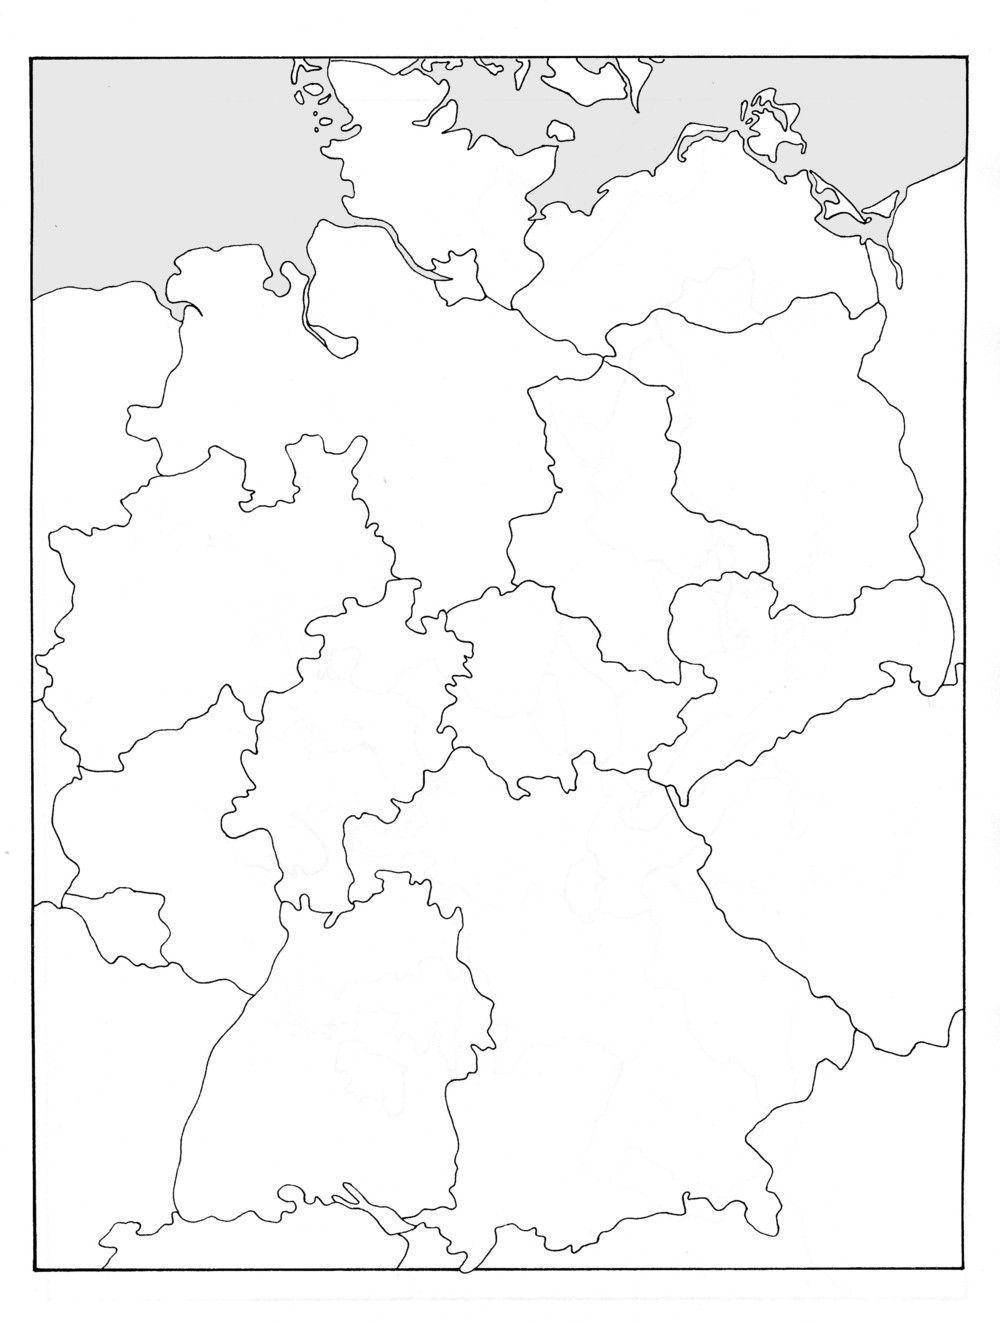 Deutschlandkarte Mit Bundesländern Zum Ausdrucken | My blog